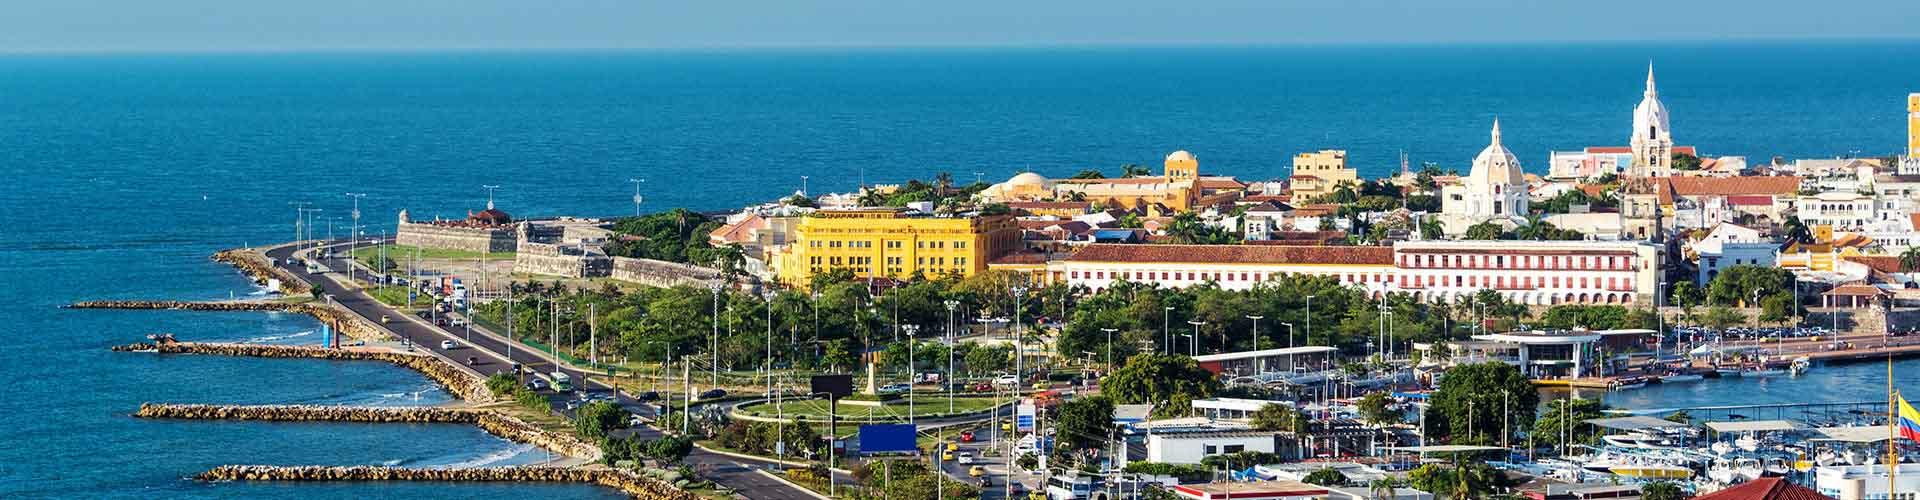 Cartagena - Ifjúsági Szállások Cartagenaben. Cartagena térképek, fotók és ajánlások minden egyes ifjúsági szállásokra Cartagena-ben.